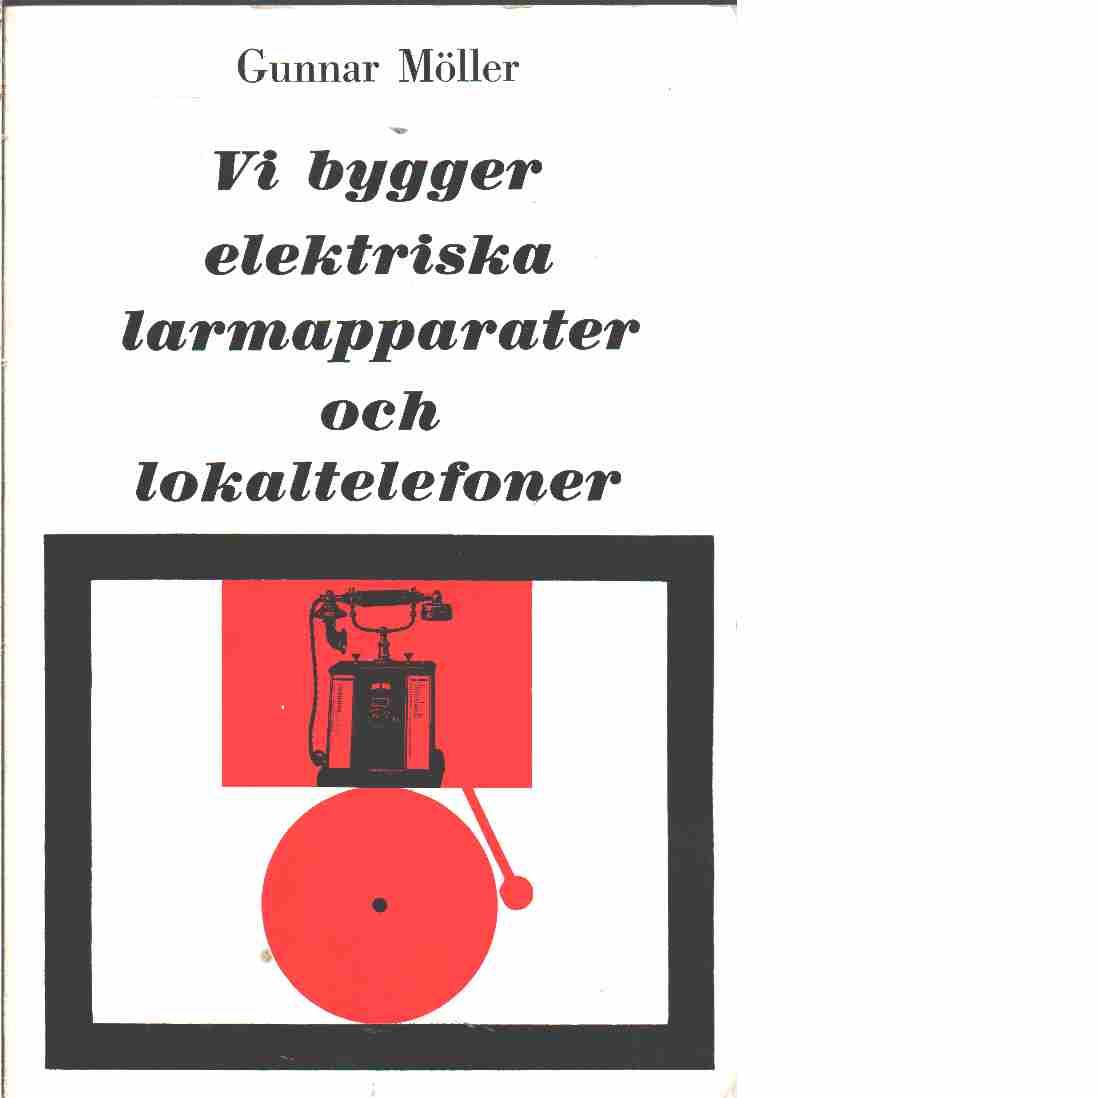 Vi bygger elektriska larmapparater och lokaltelefoner  - Møller, Gunnar